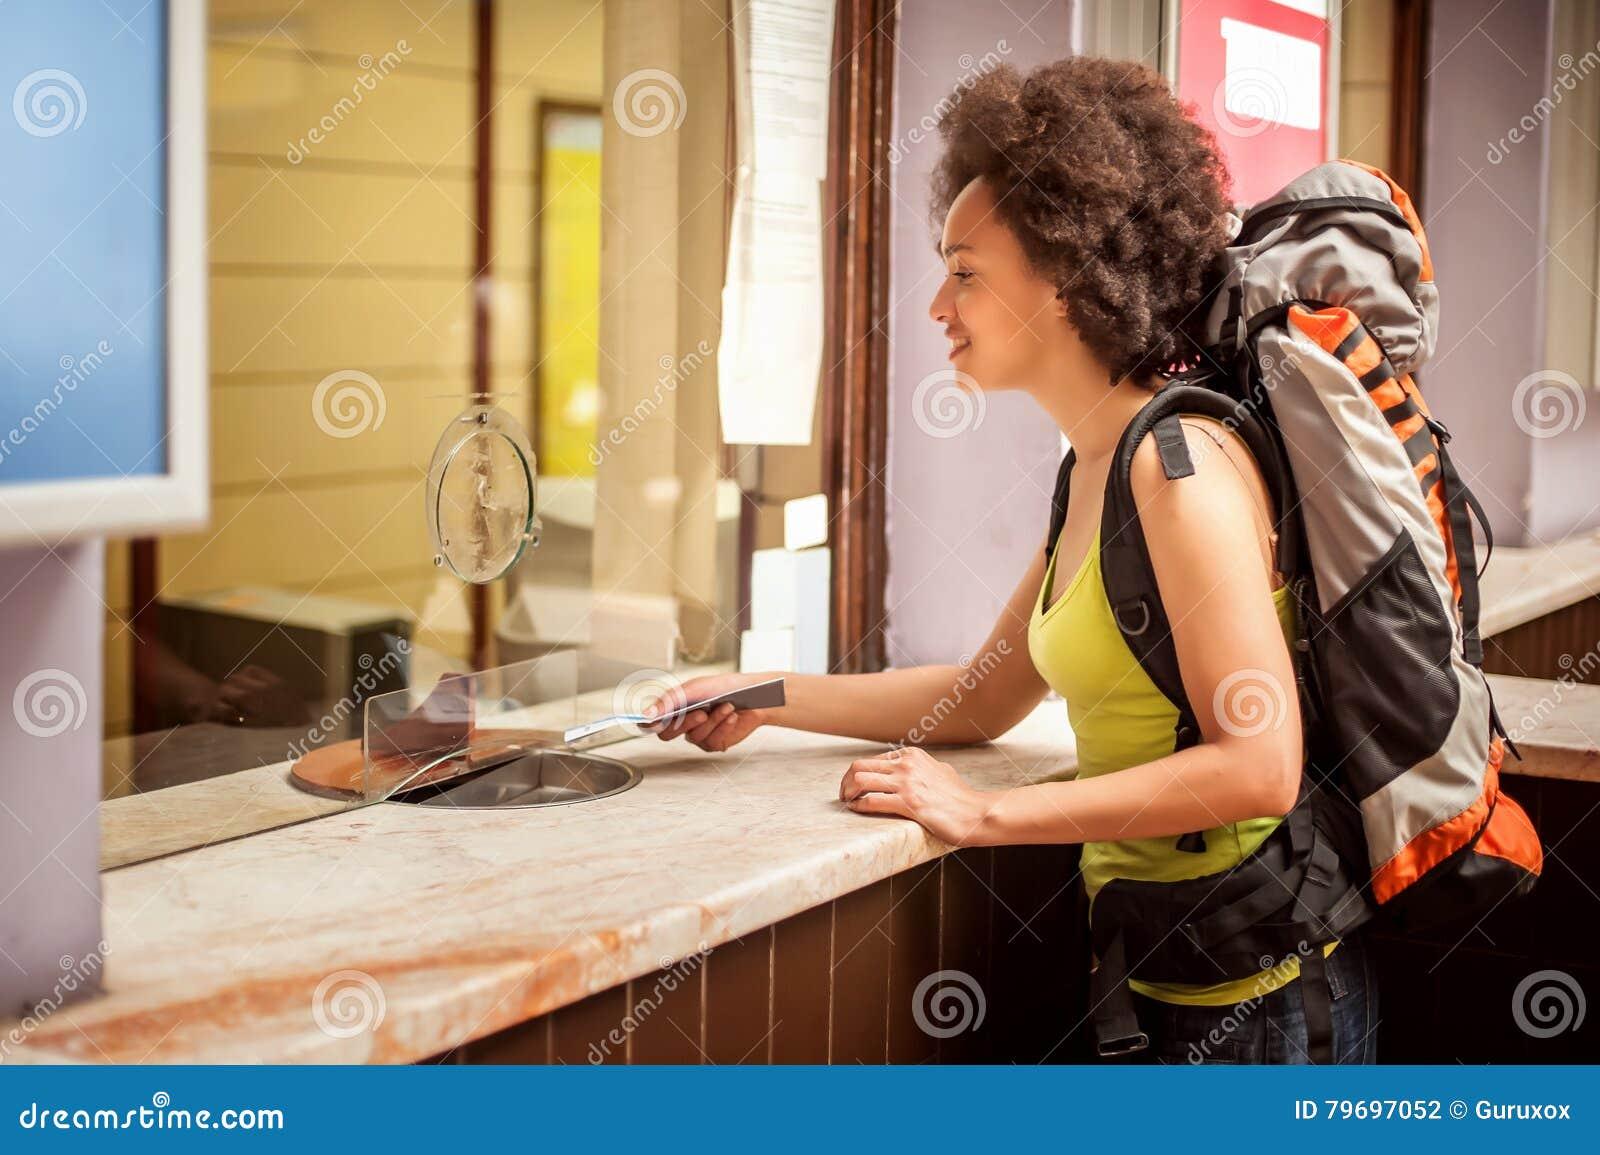 Weiblicher Tourist kauft eine Karte am Endstellekartenschalter